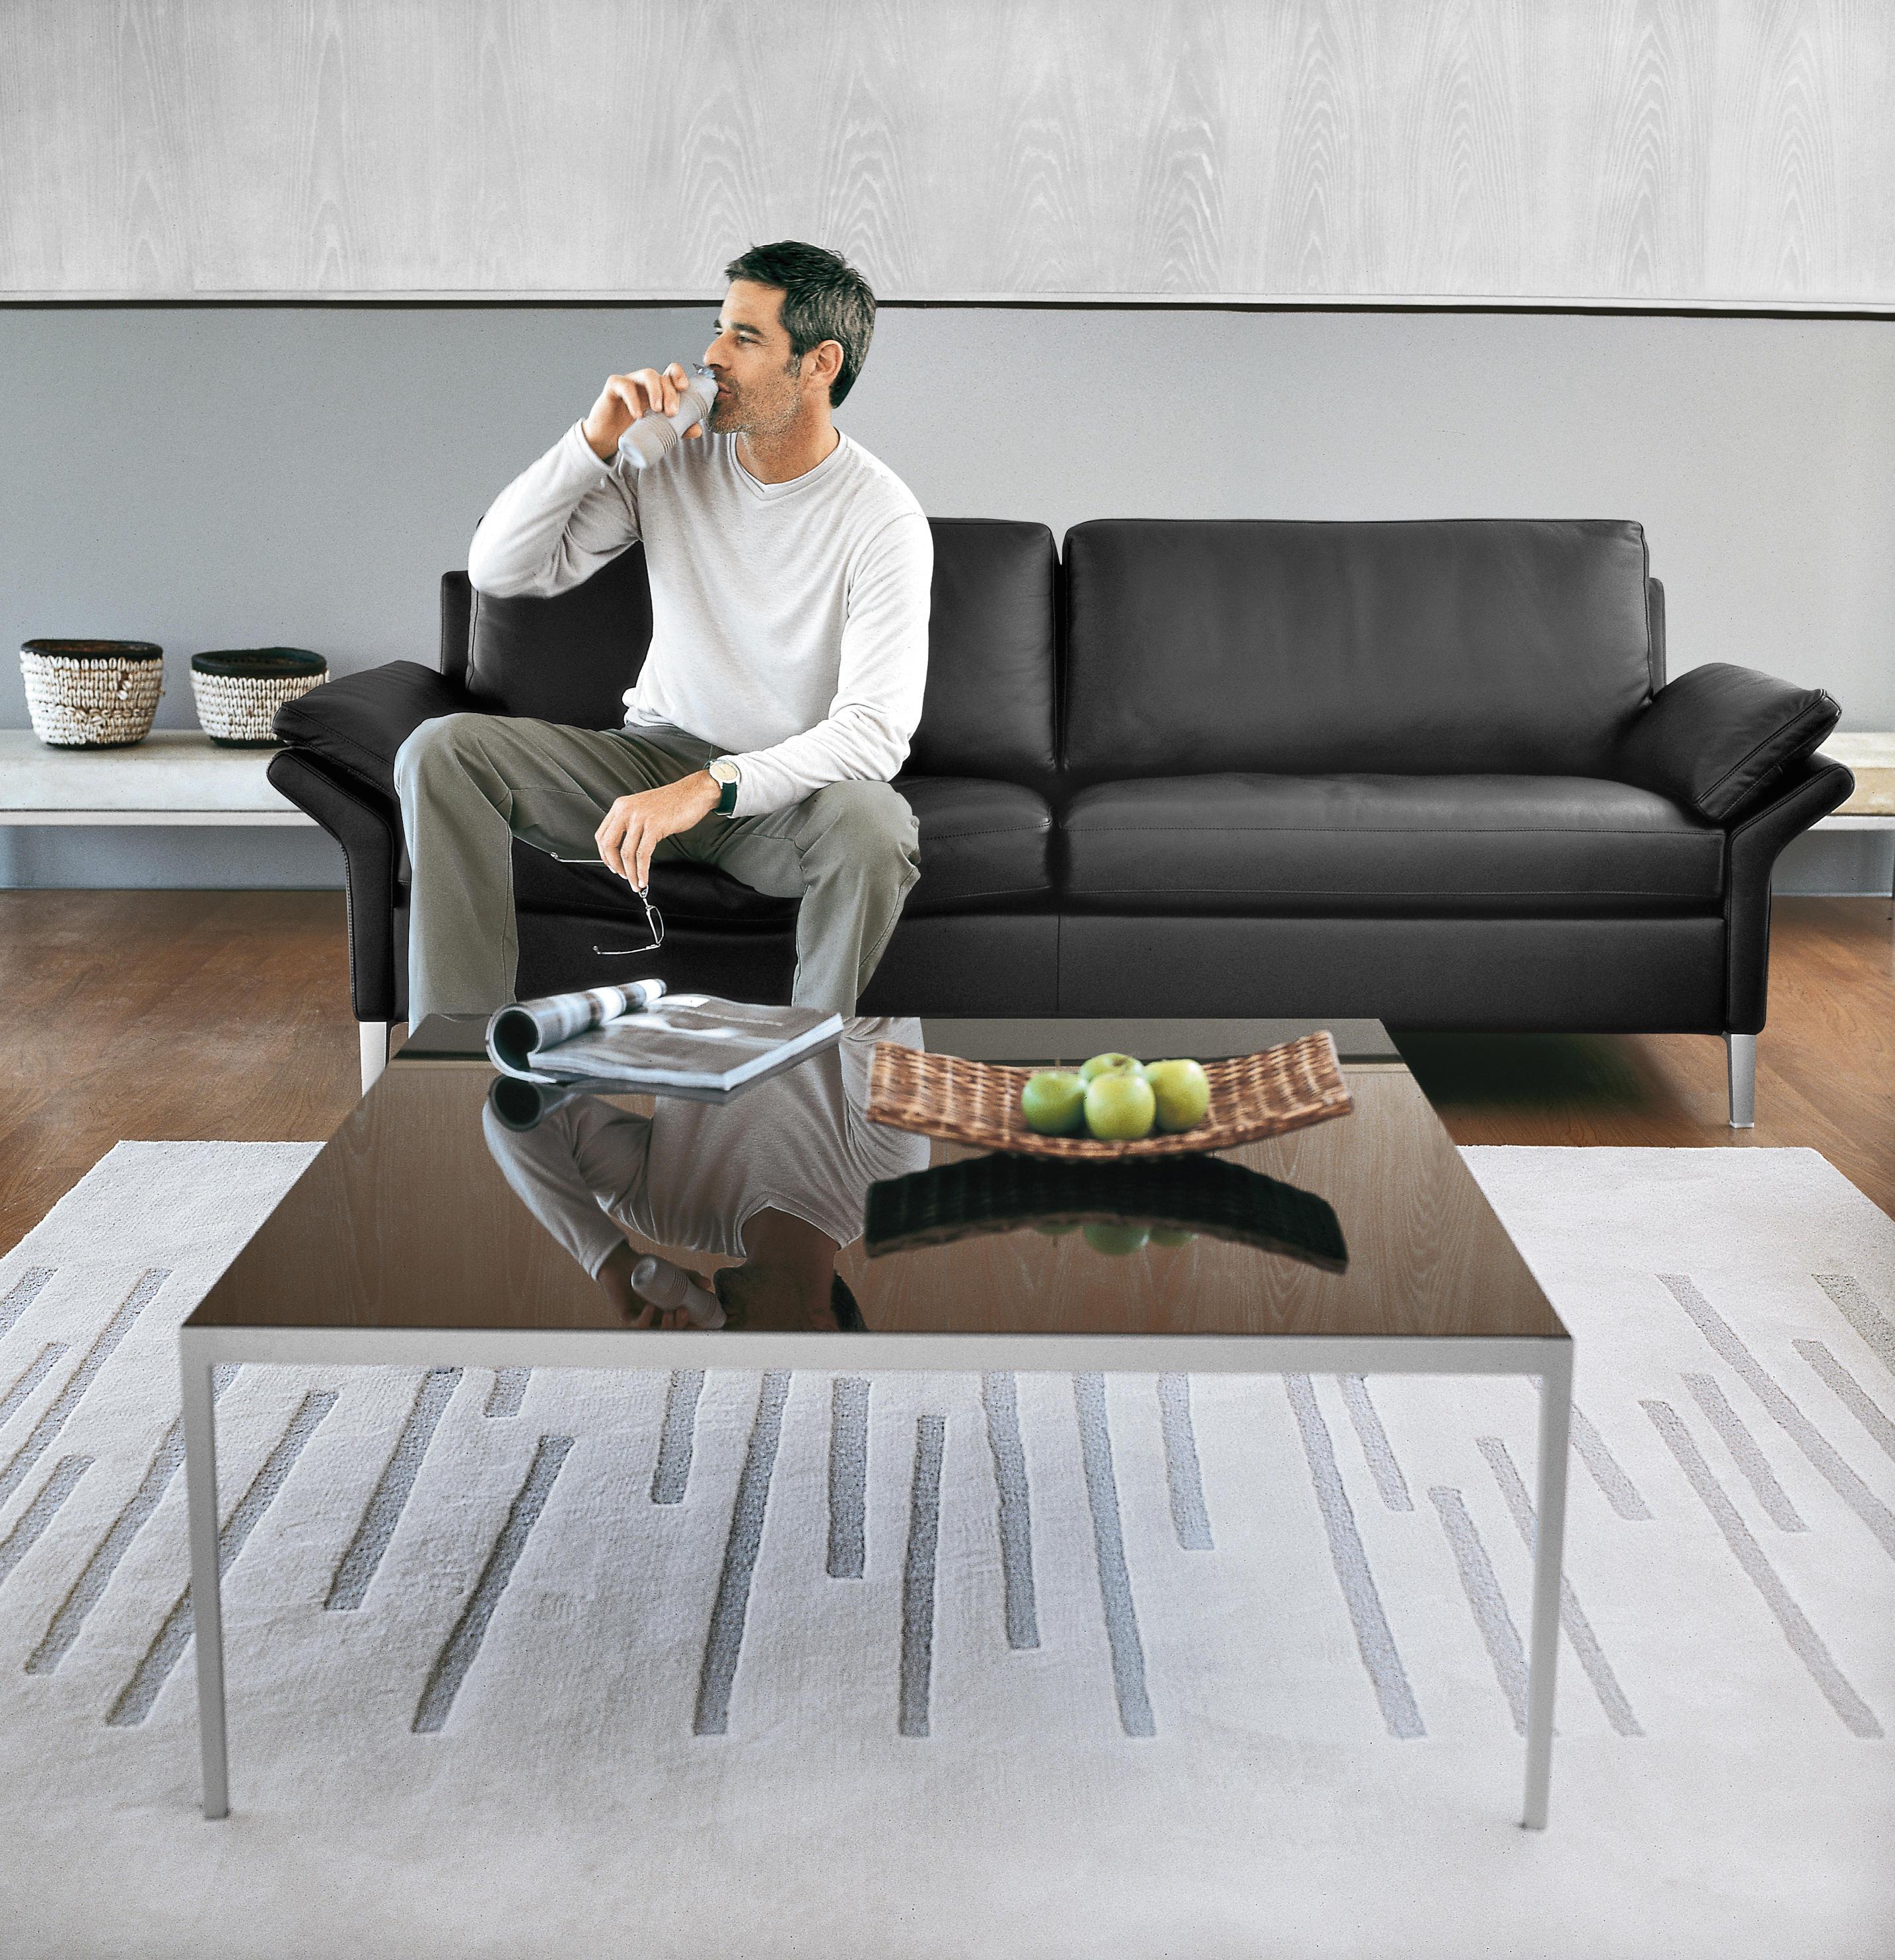 rolf benz sofa leder sofa rolf benz full hd wallpaper photos rolf benz designer sofa leather. Black Bedroom Furniture Sets. Home Design Ideas